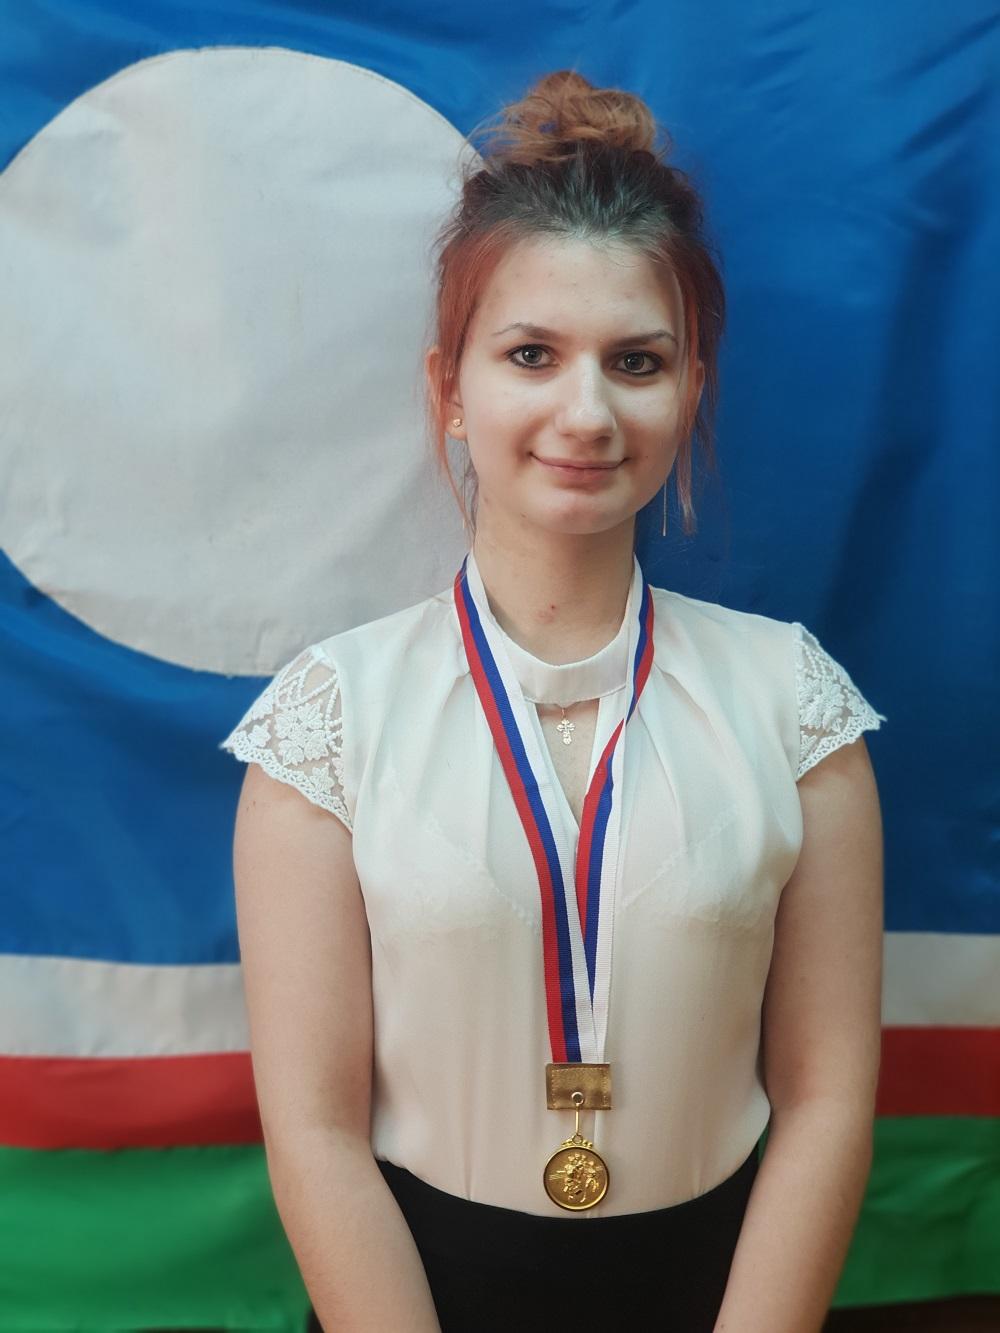 Шалак Полина 9 класс обладатель Золотой медали